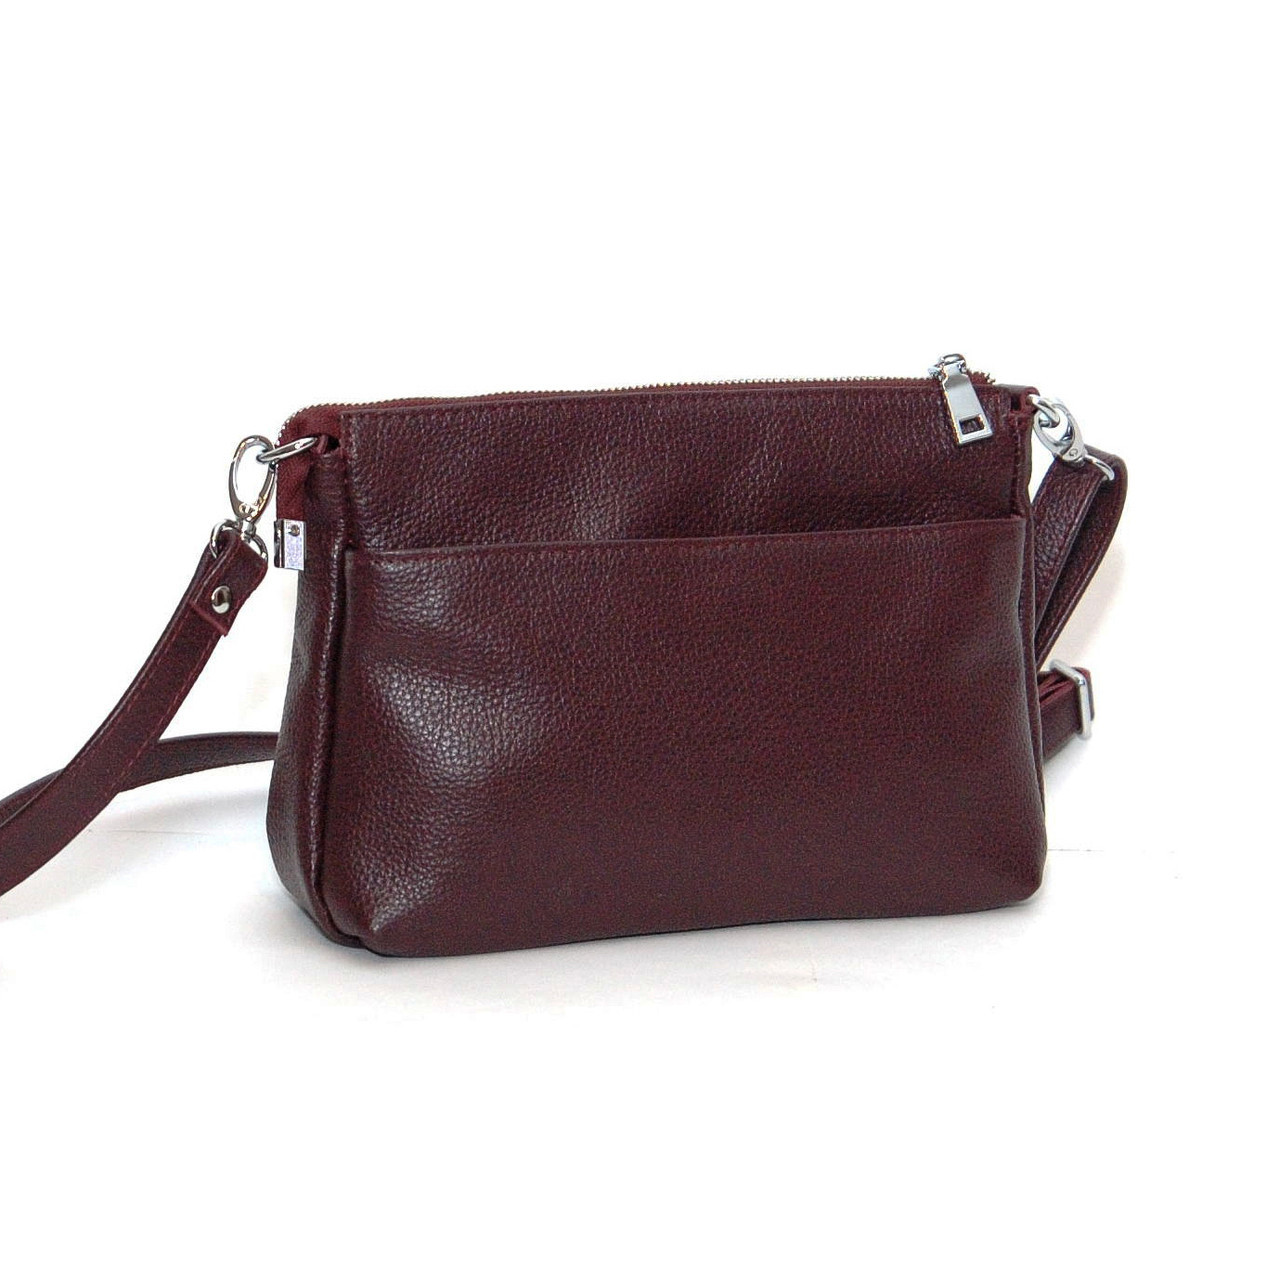 Кожаная сумка модель 35 виноградный флотар